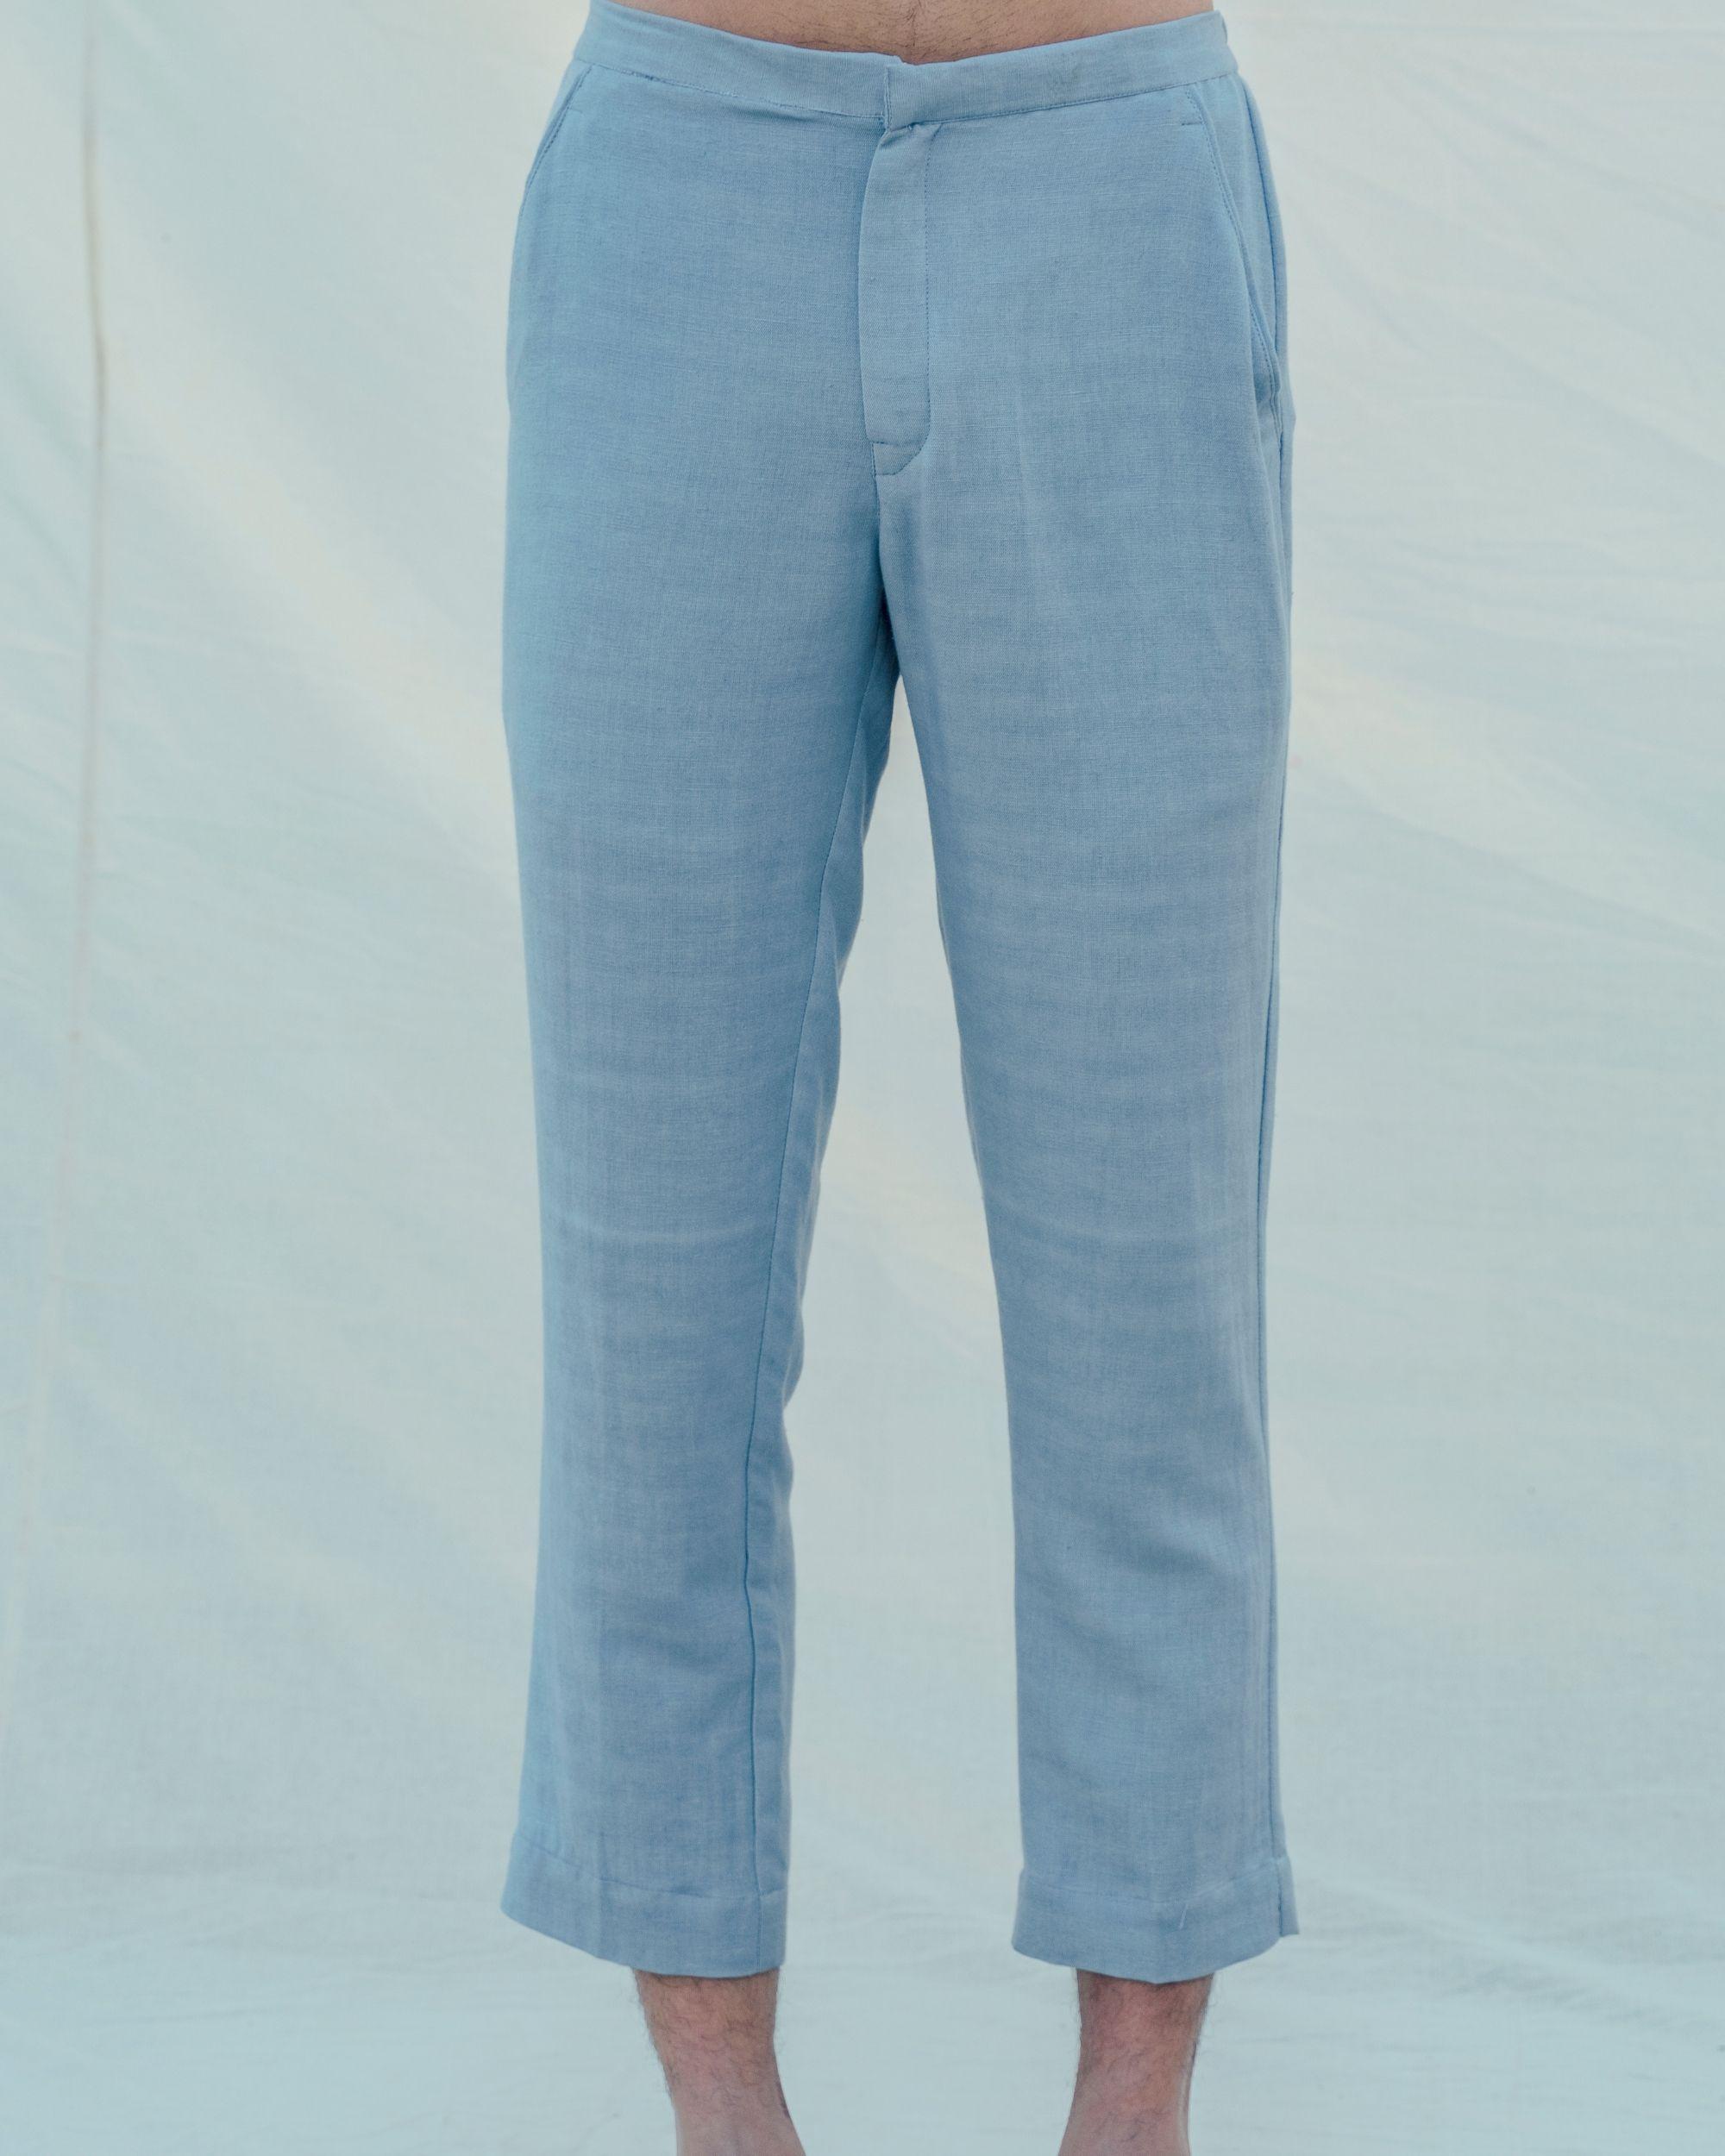 Light blue cotton linen pants